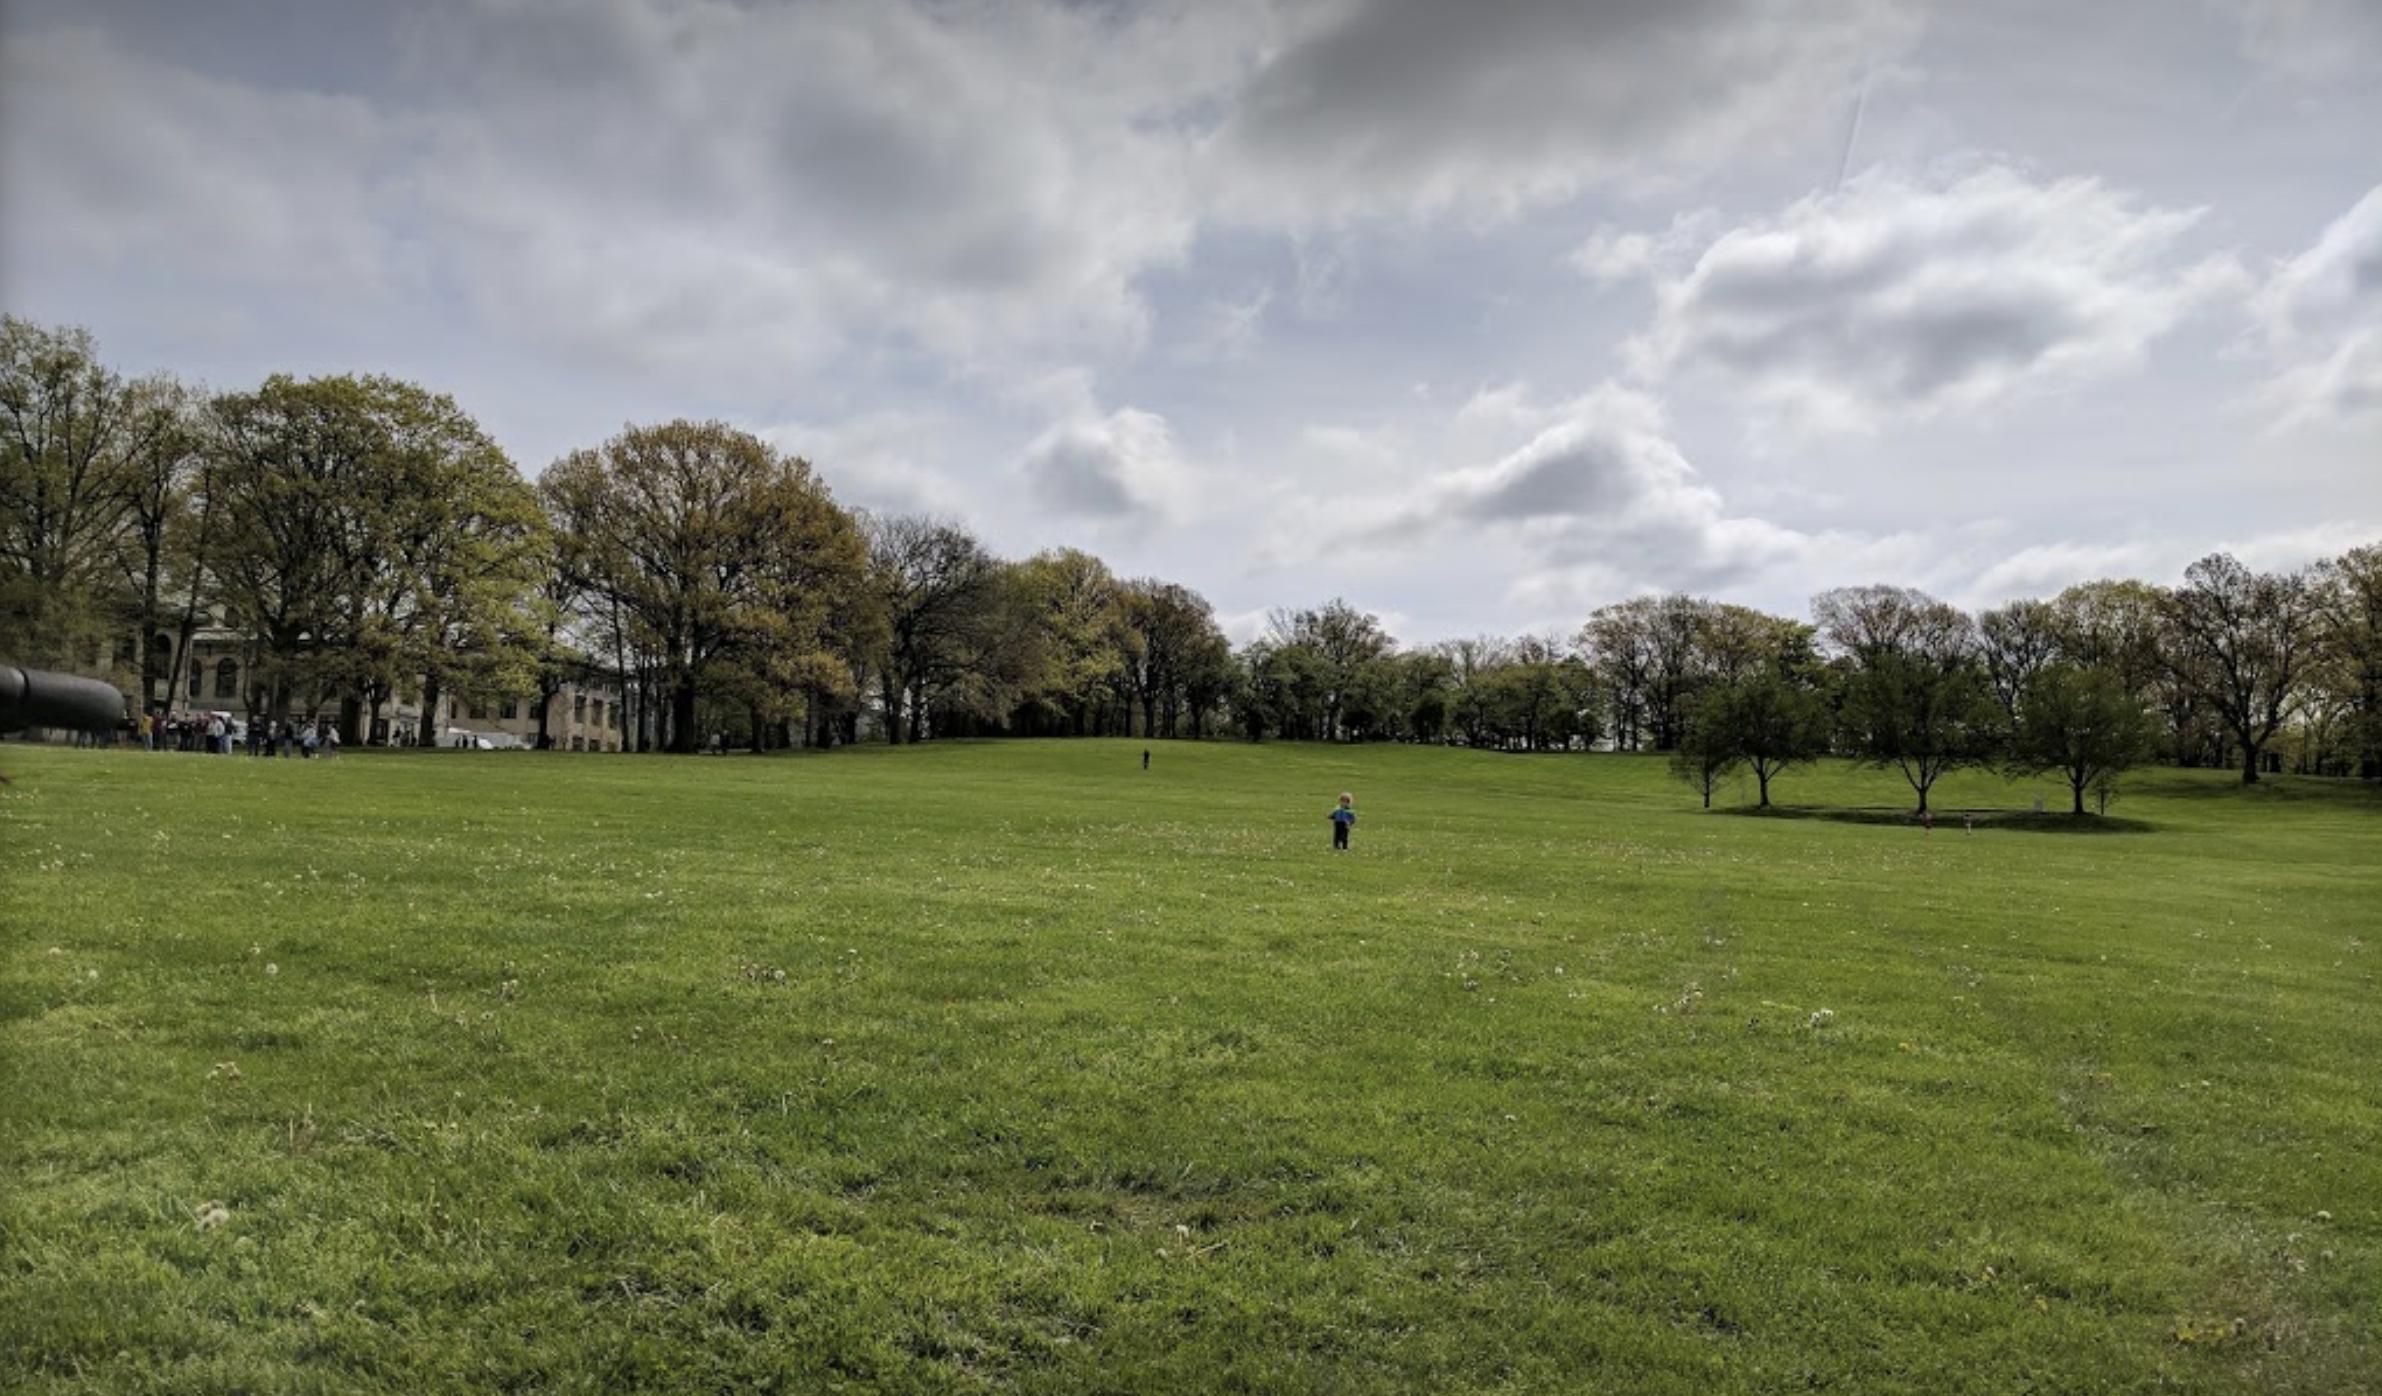 Flagstaff Hill in Schenley Park